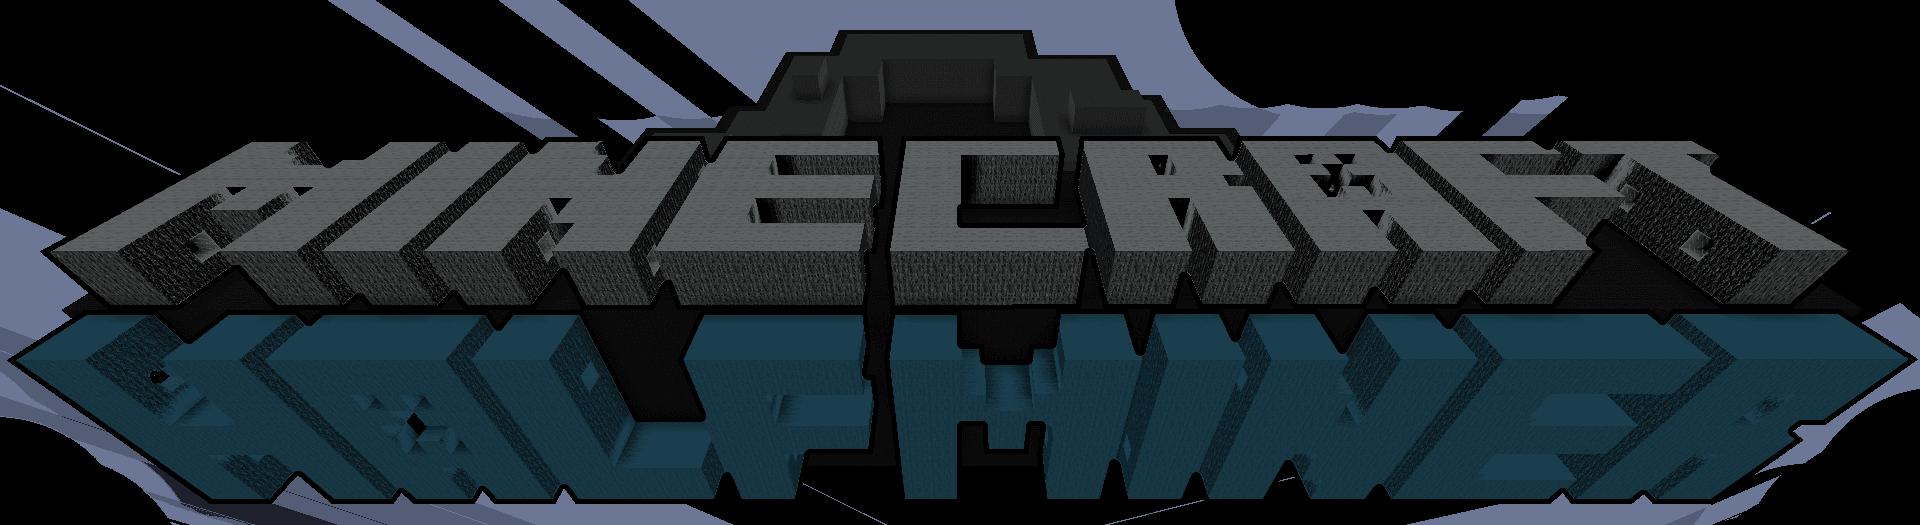 Halfminer 3.0 Logo